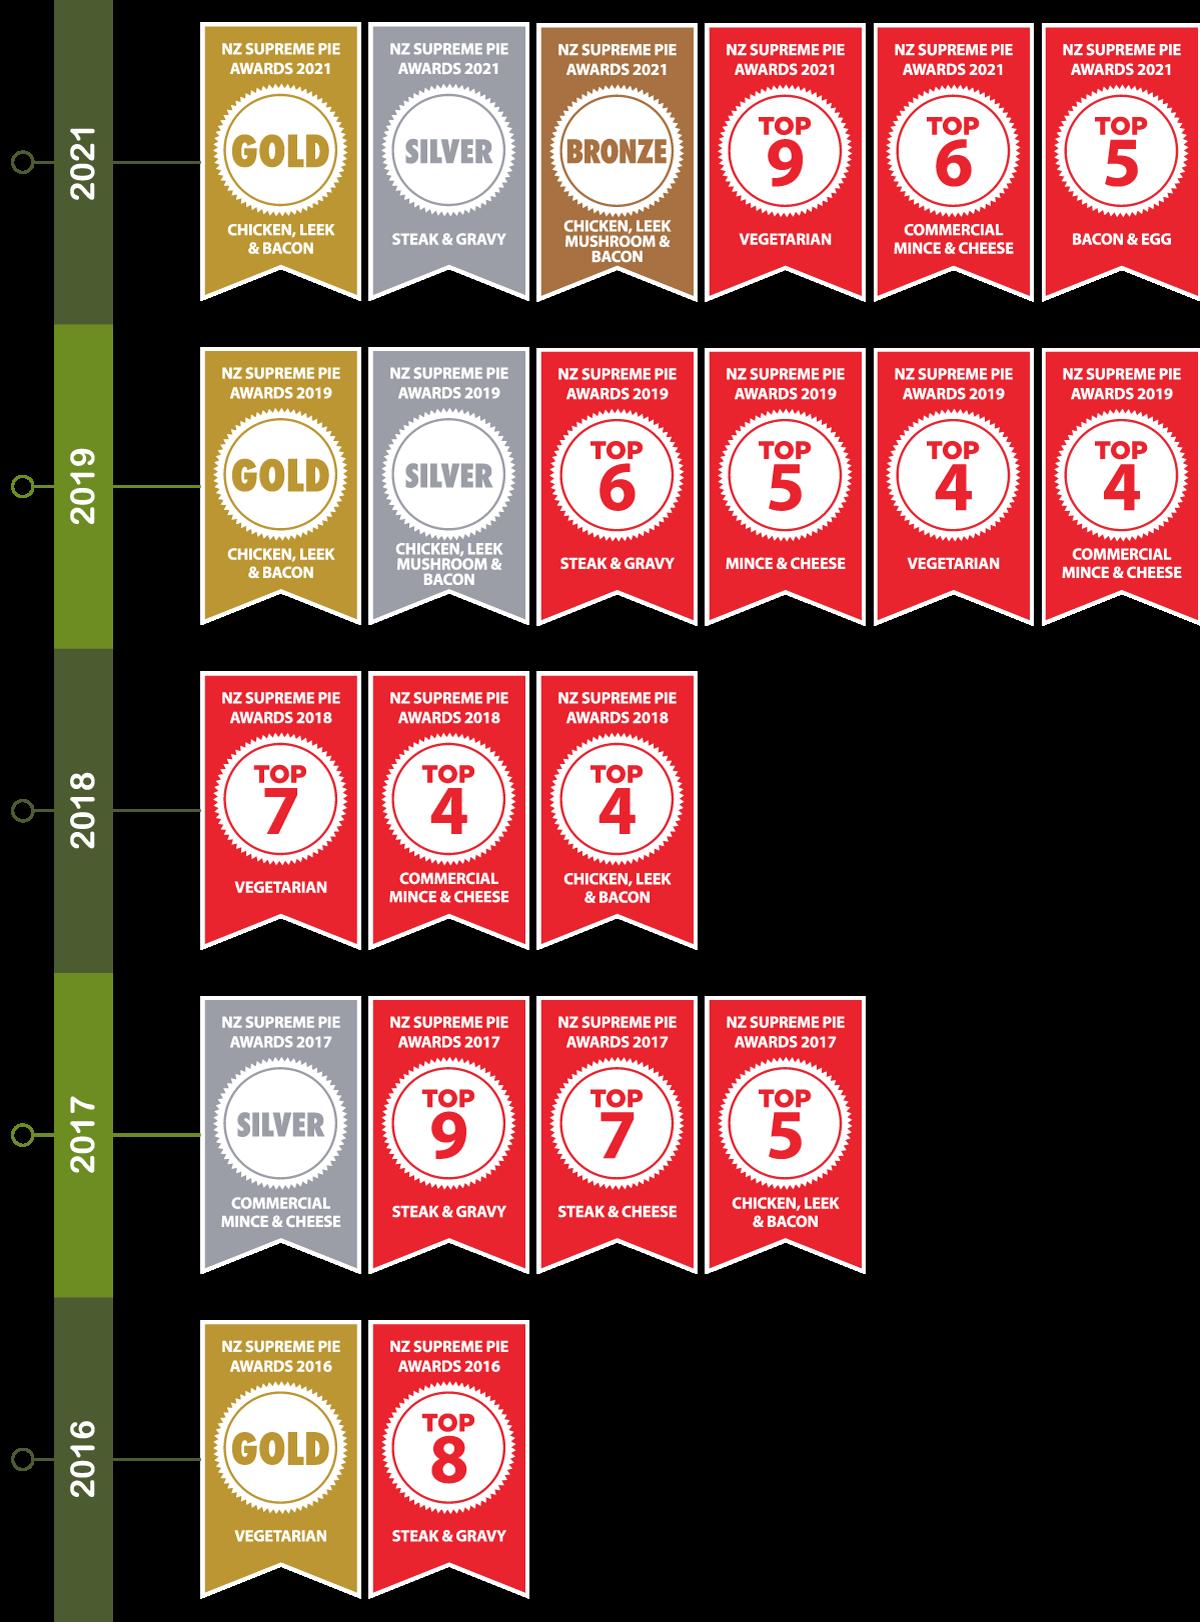 NZ Pie Awards placings 2016-2021